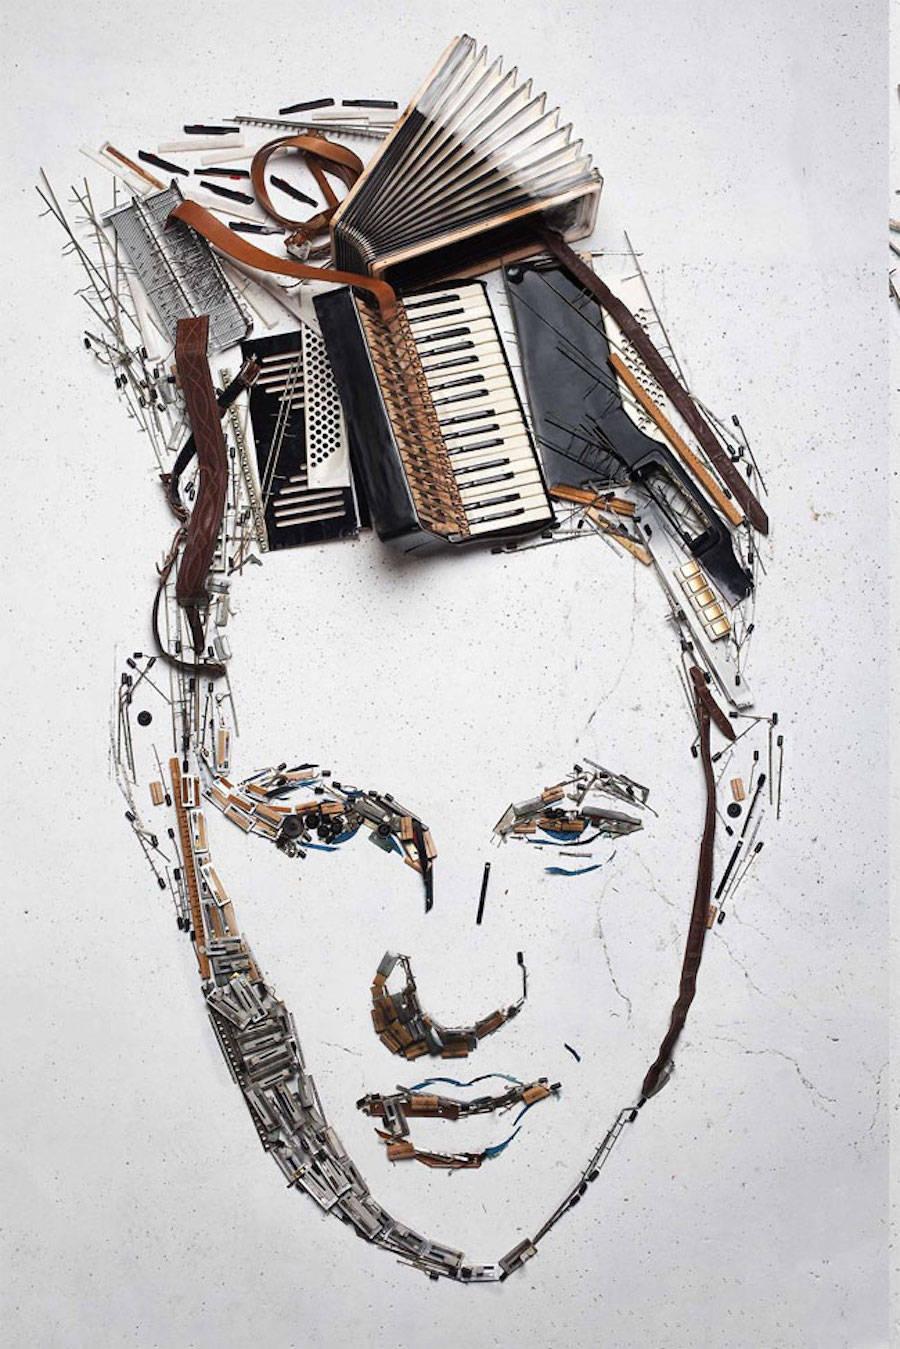 ritratto-gigante-fatto-pezzi-fisarmonica-jolita-vaitkute-7